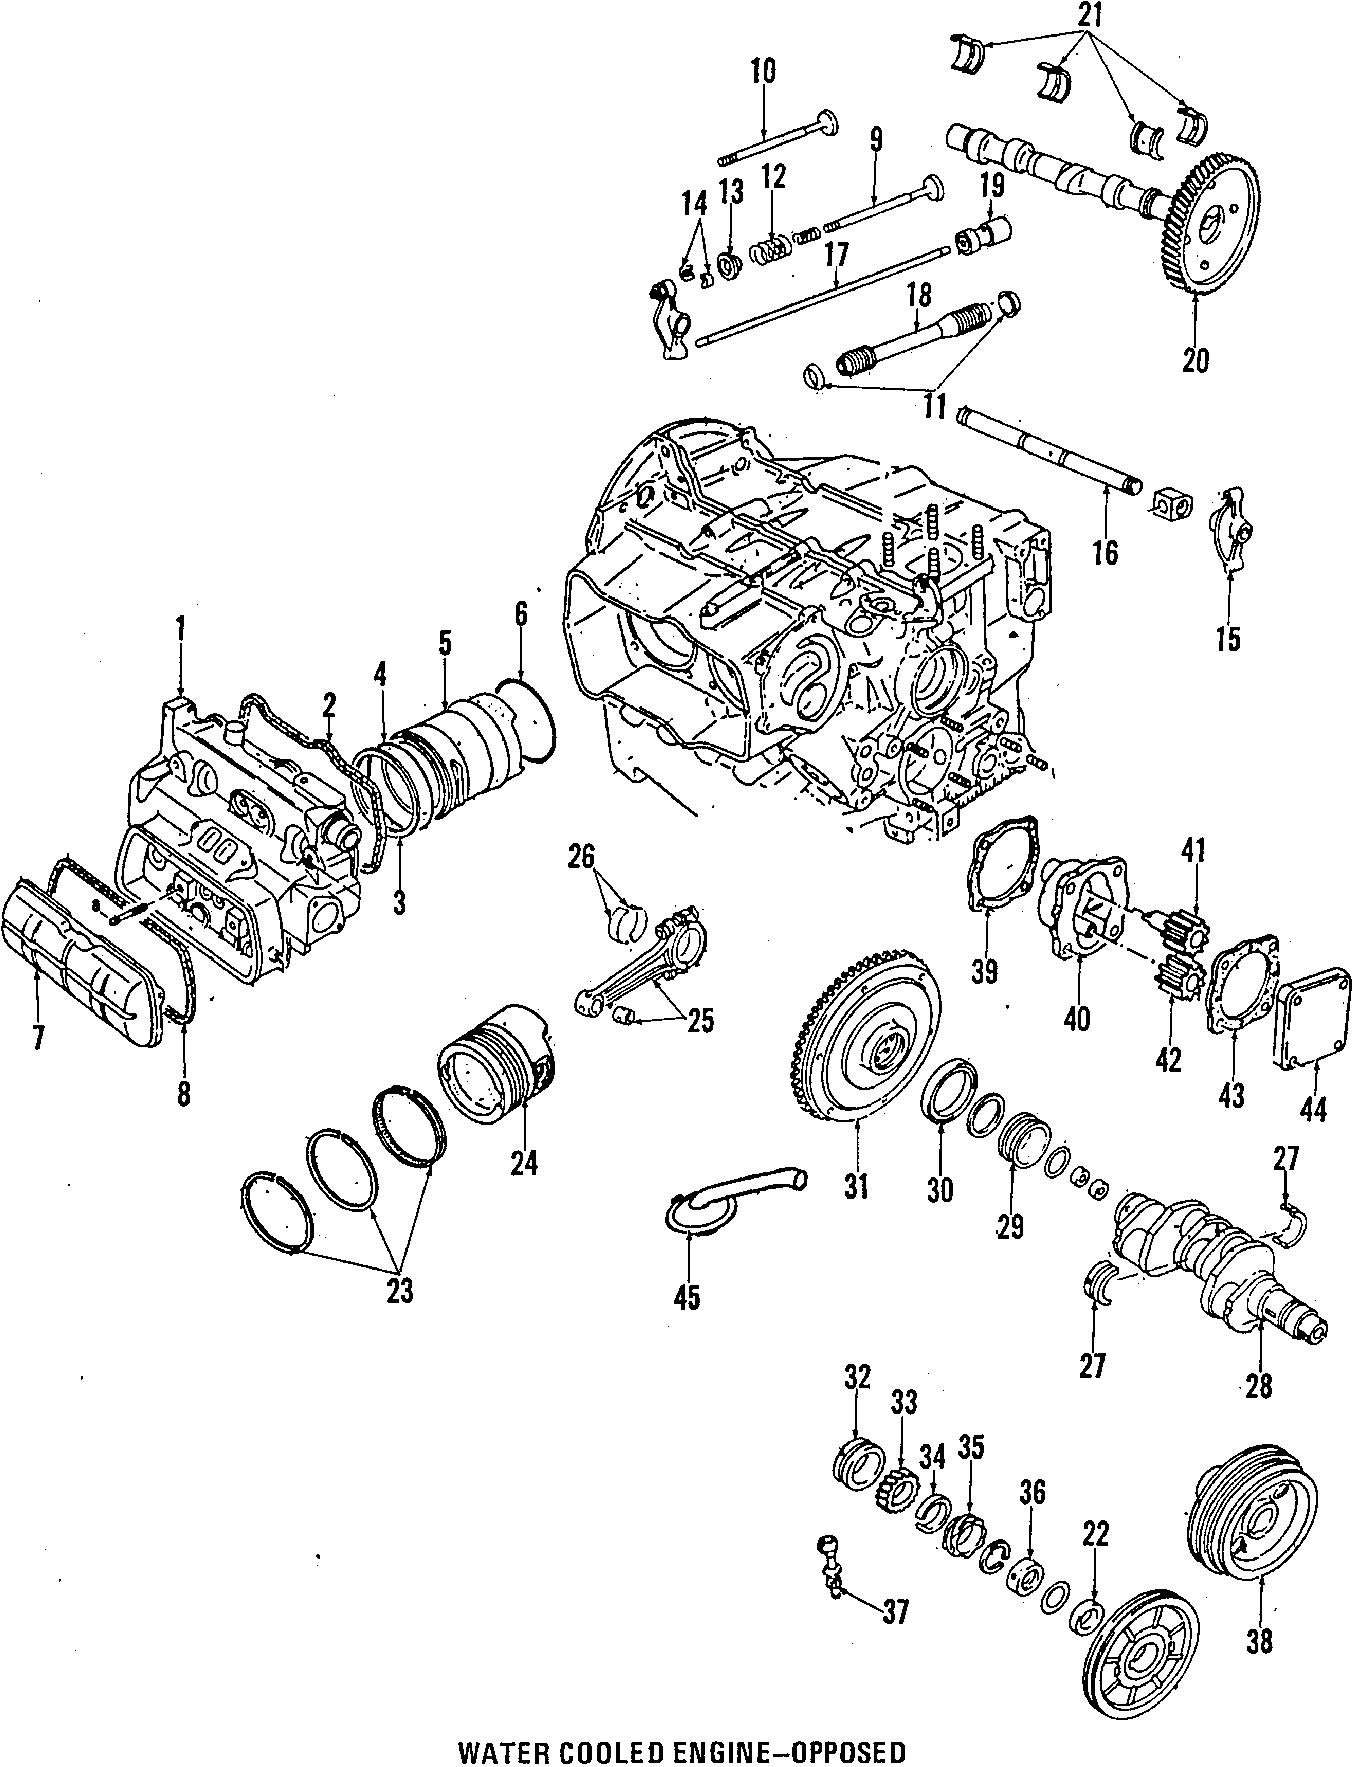 025105251 - Engine Crankshaft Pulley. Damper. Engine ...